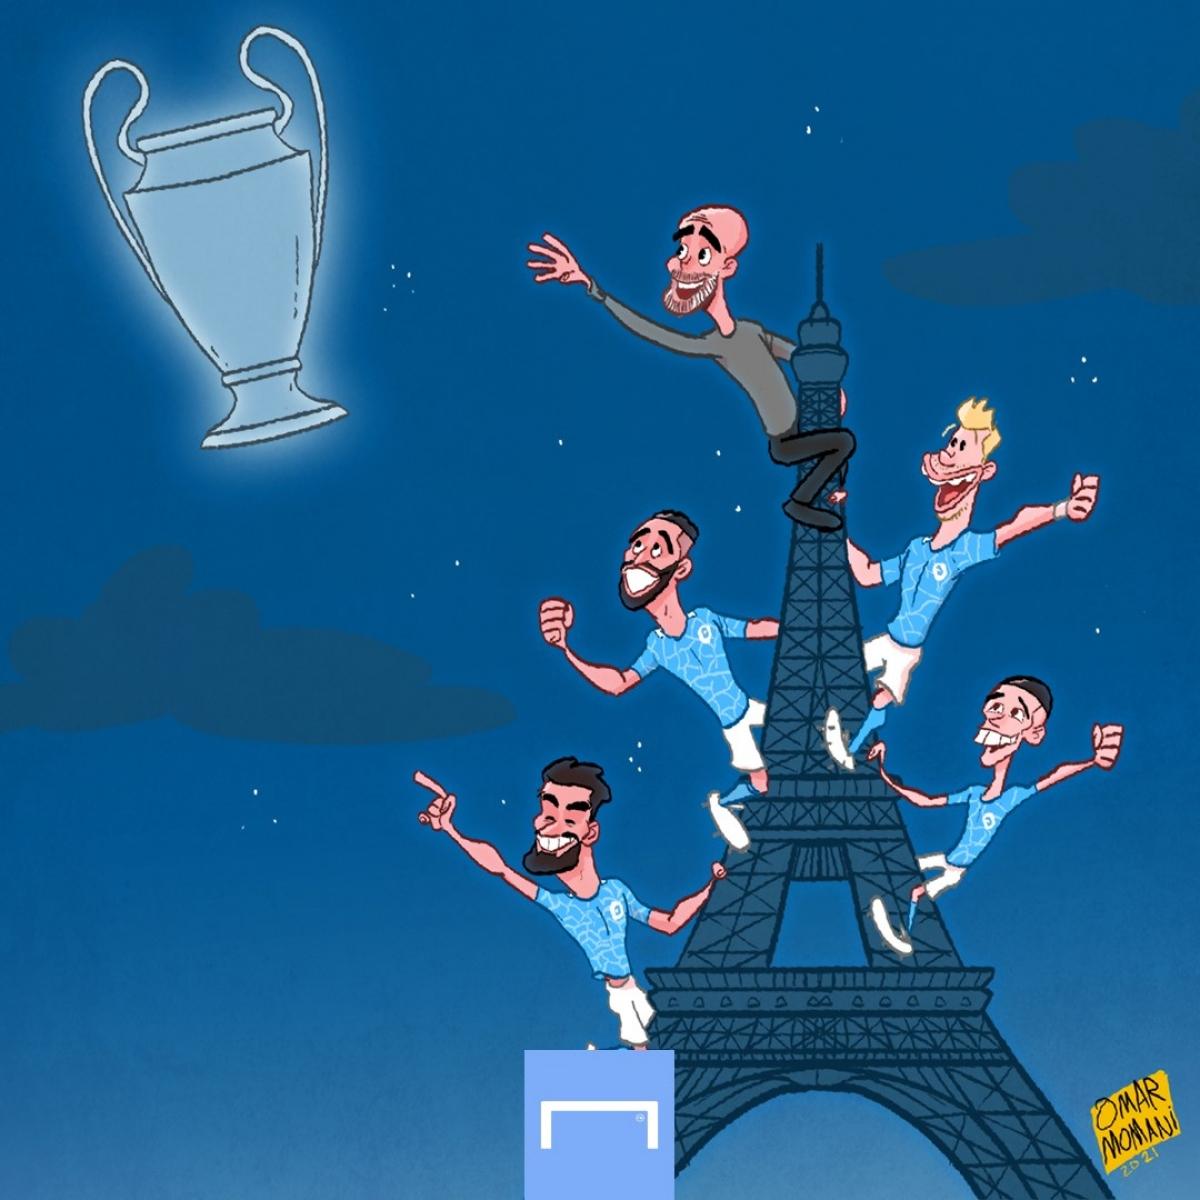 Man City mơ về chức vô địch Champions League. (Ảnh: Omar Momani)